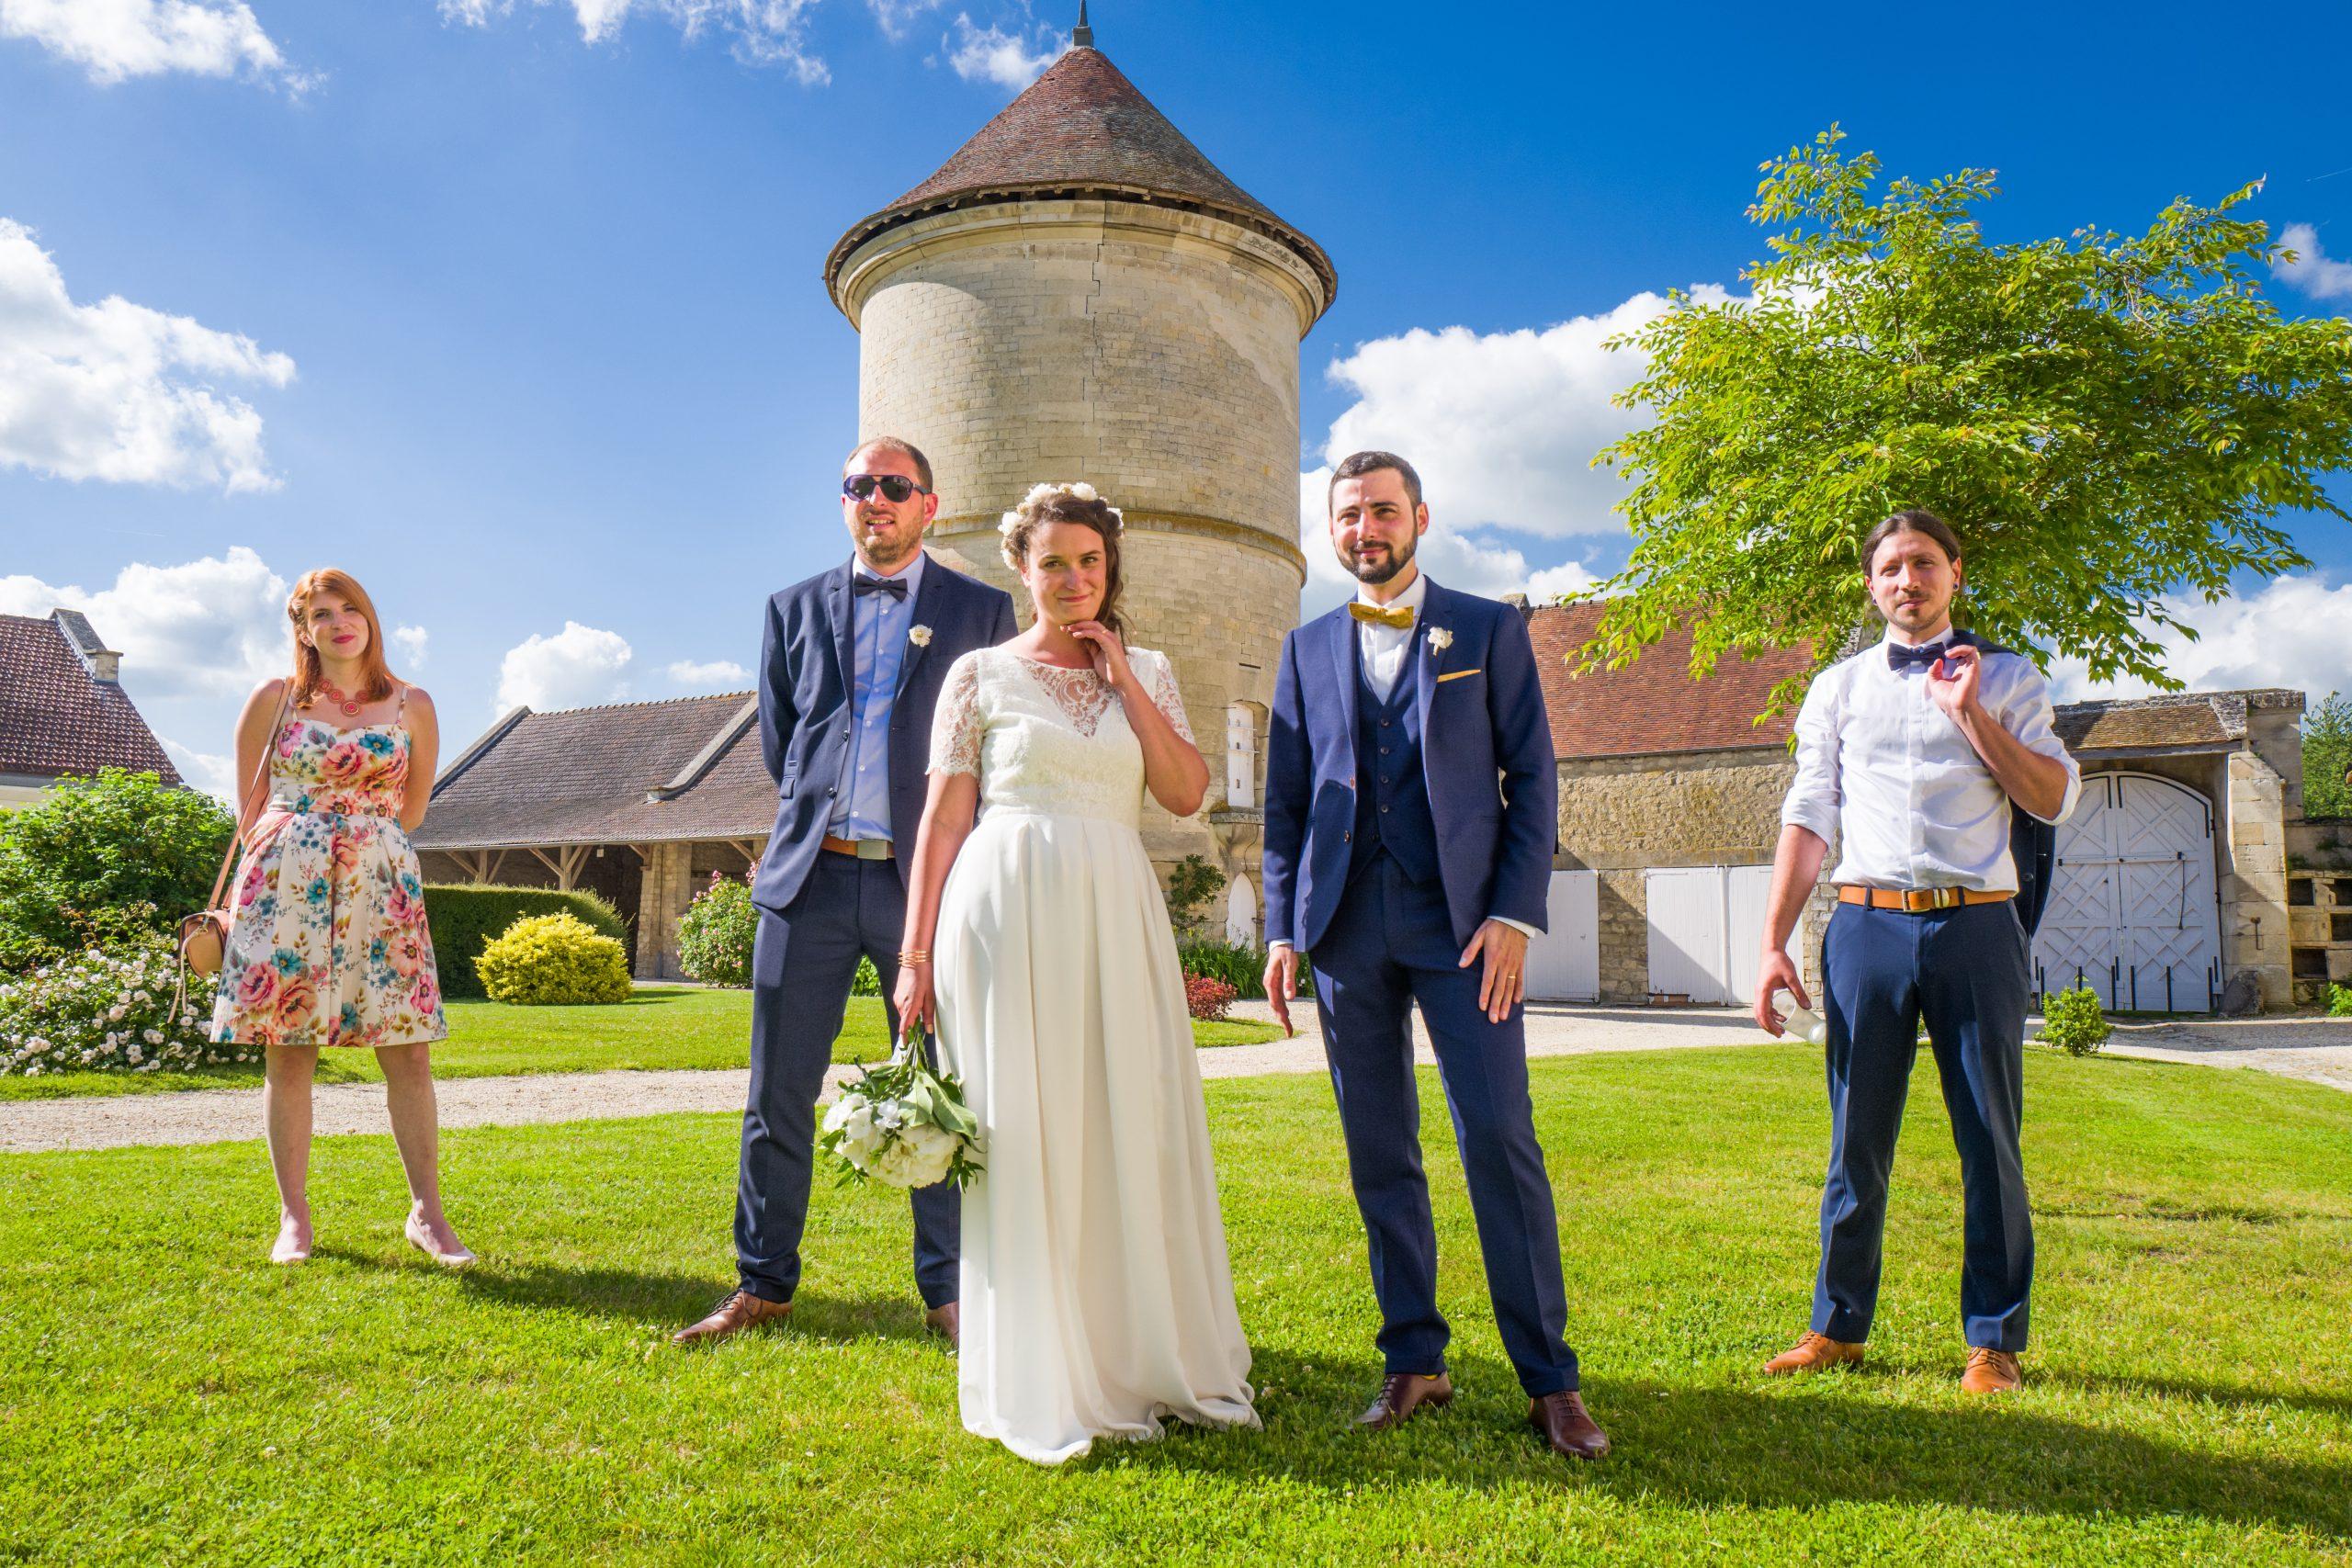 Photographe mariage - Paris - Montpellier - Nice - Mariage Hérault - Séance photo témoins